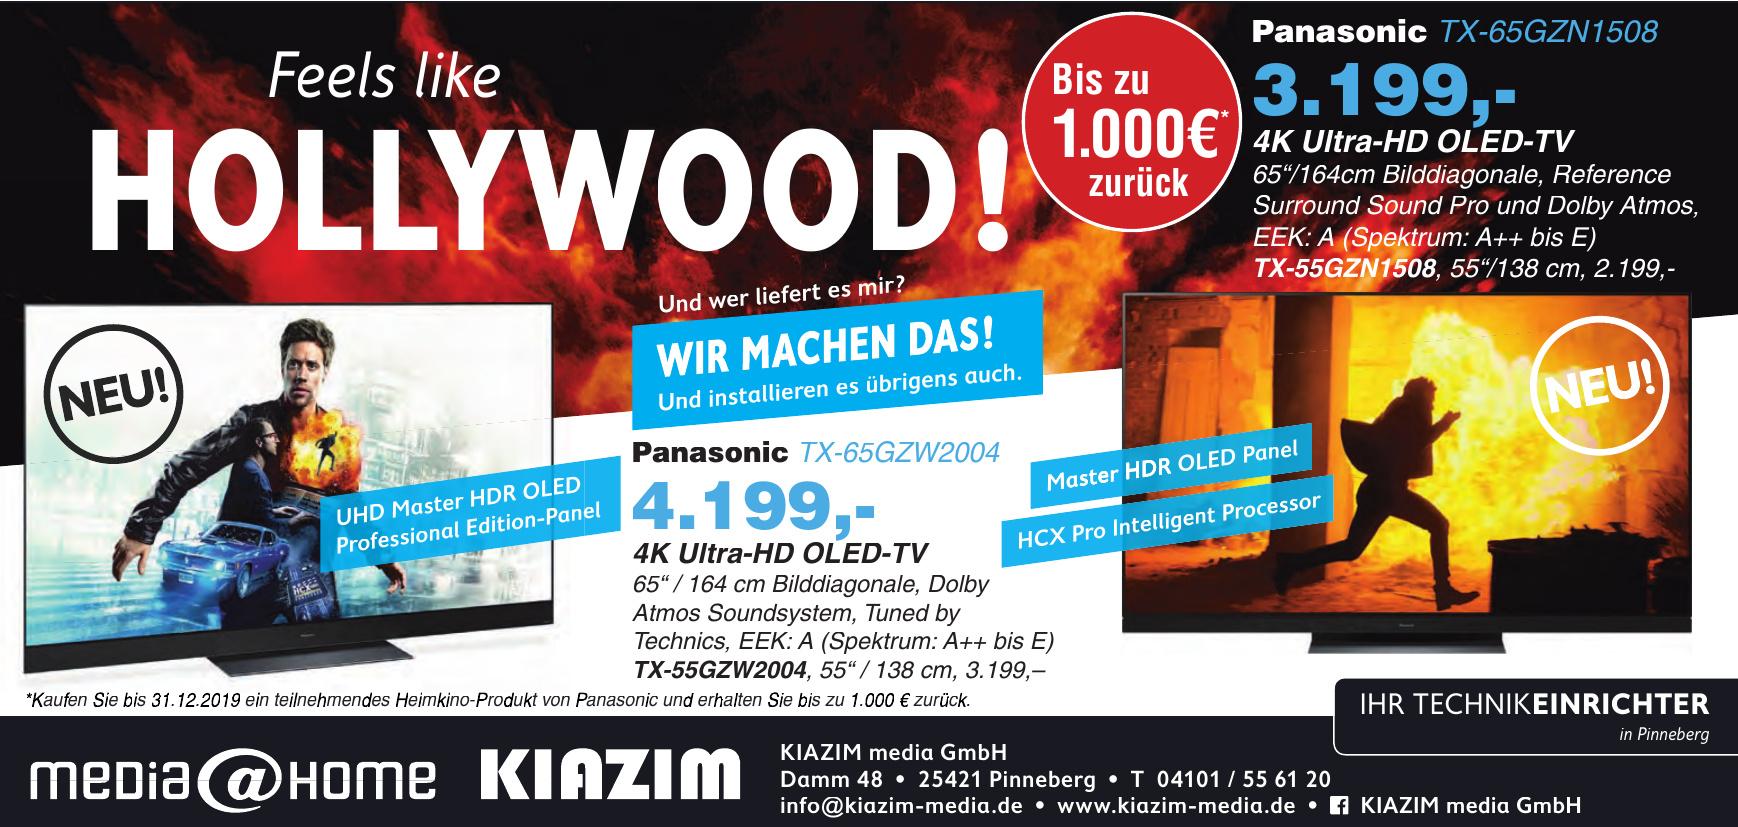 KIAZIM media GmbH